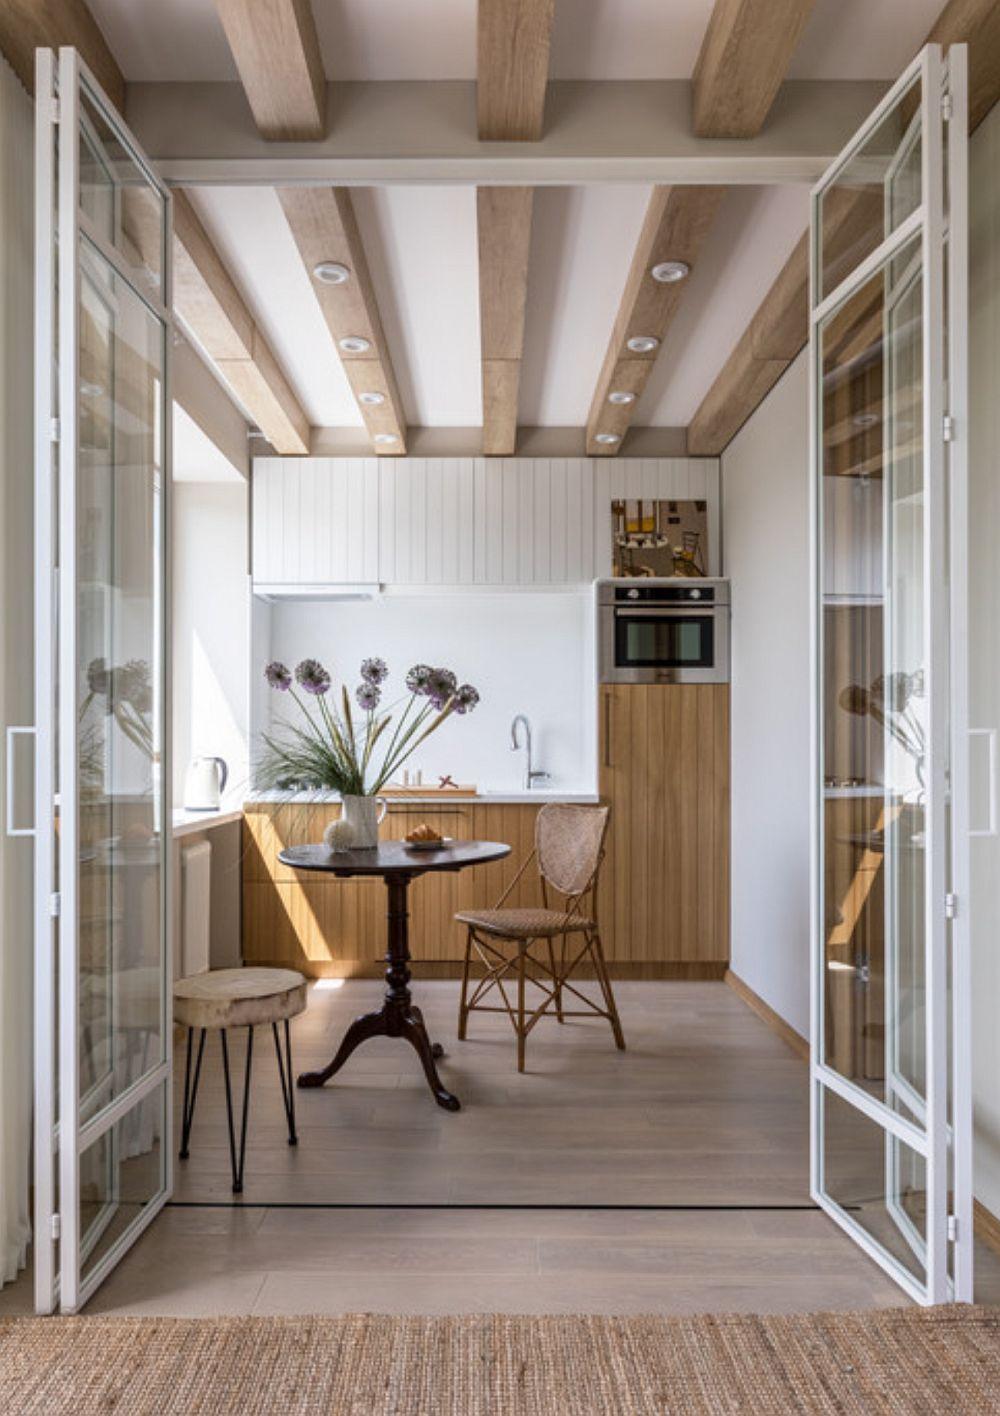 Bucătăria este mobilată pe comandă, după proiectul designerilor. Pentru că spațiul este mic, în locul unei combine frigorifice s-a ales un frigider, care este încorporat, dar mai puțin înalt, astfel ca deasupra lui să poată fi montat cuptorul. De asemenea, chiuveta este una de mici dimensiuni.